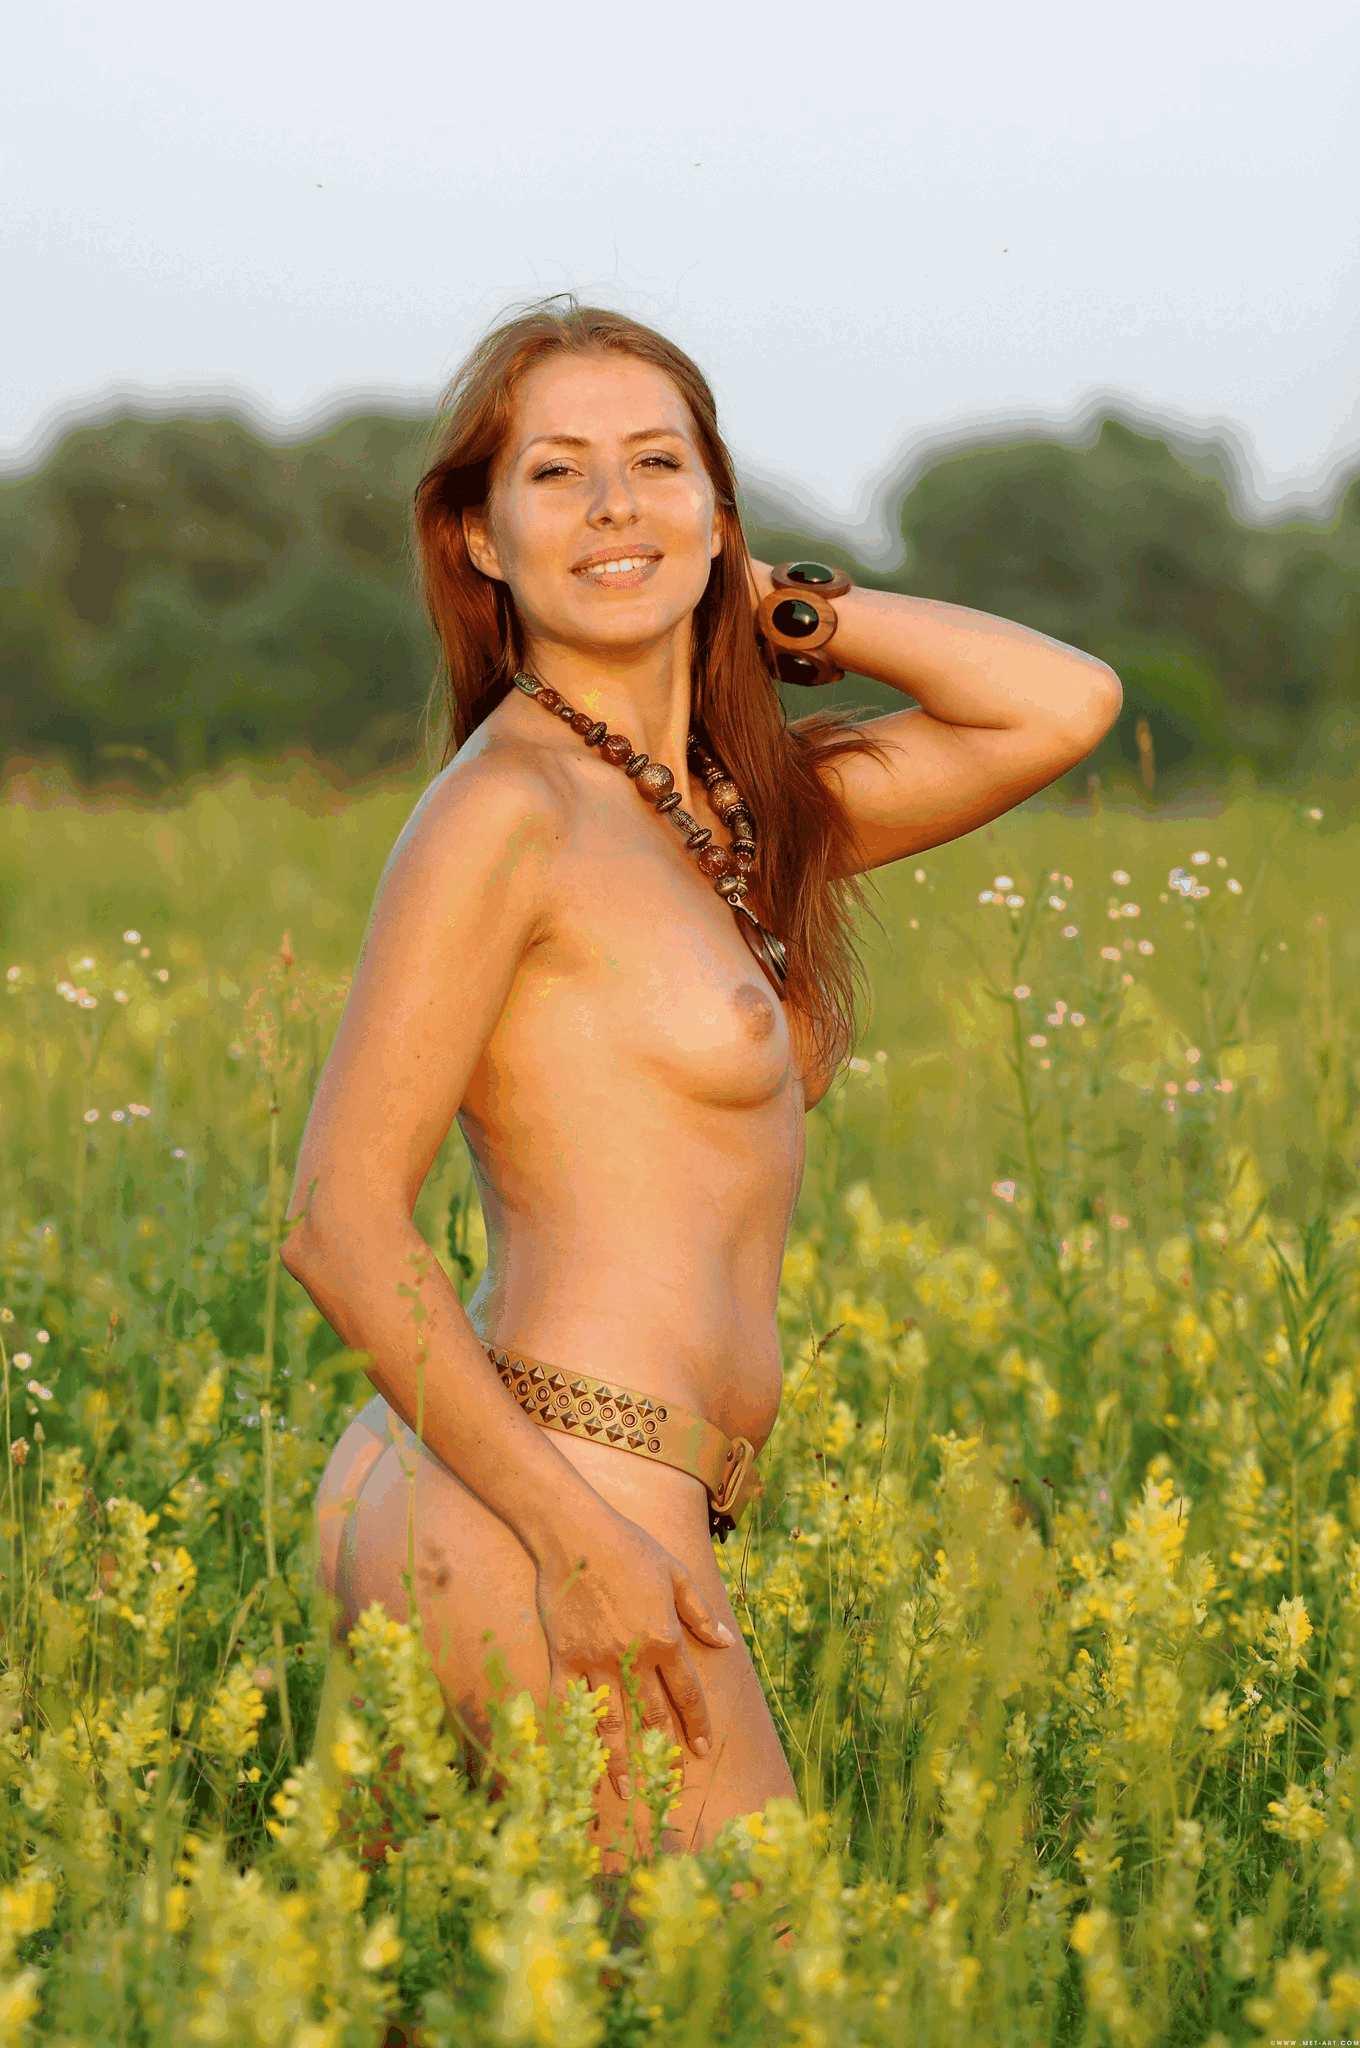 Соломия витвитьцка порно 8 фотография